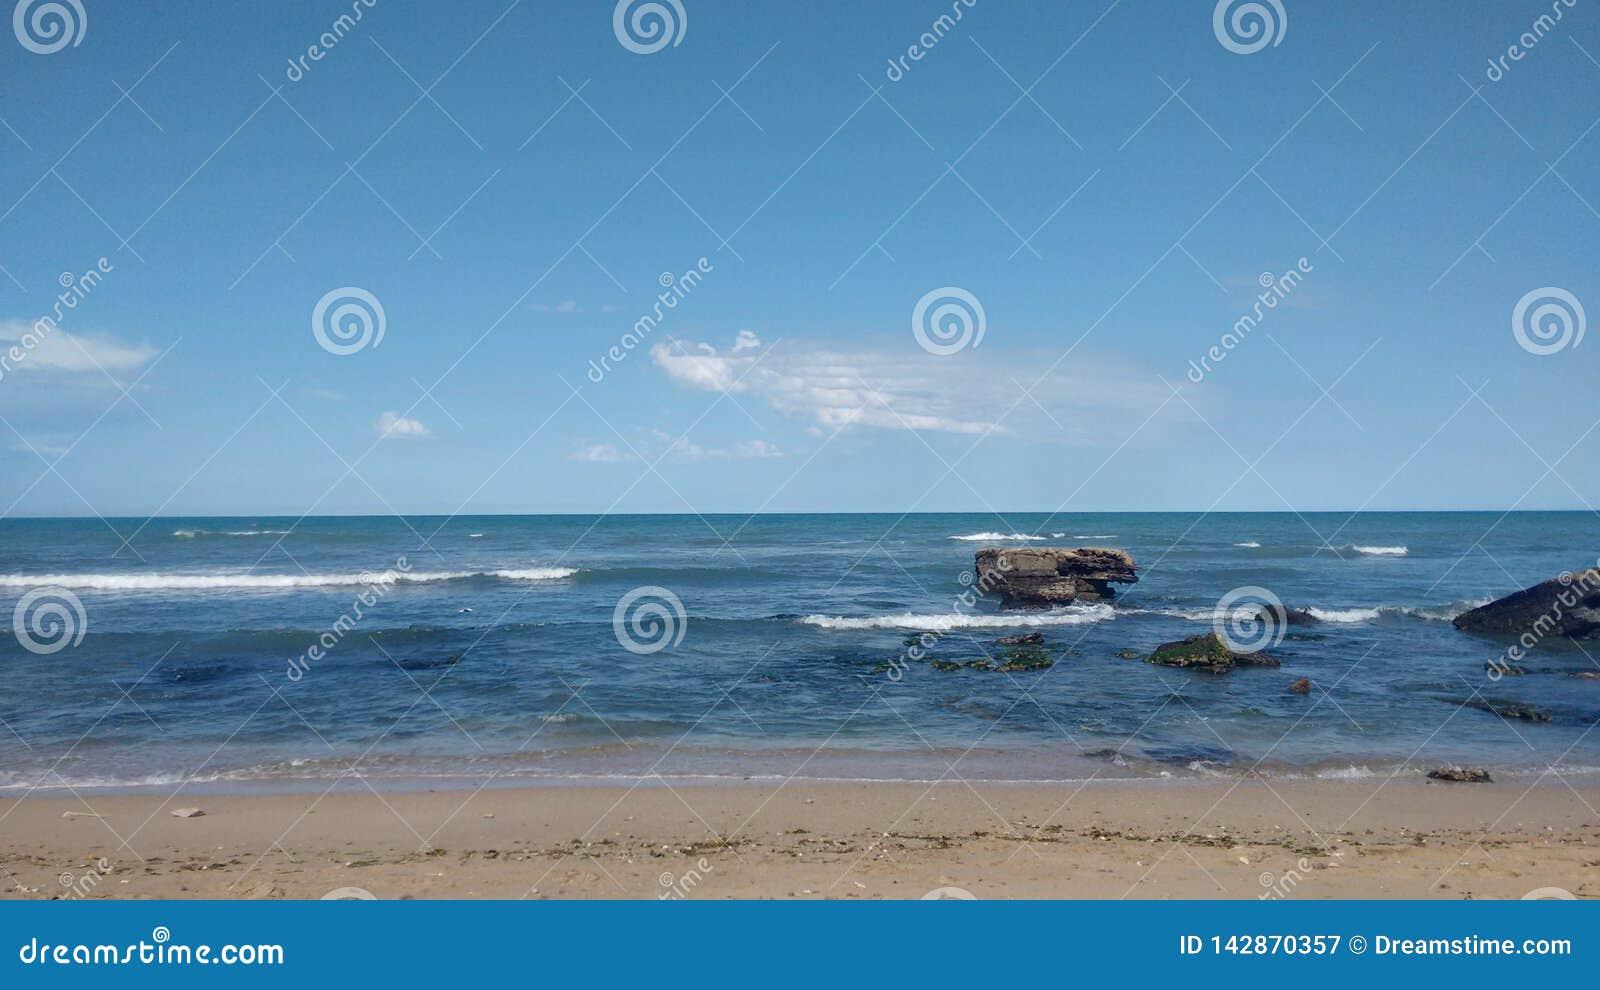 Fotografi av stranden av Miramar arenaceous